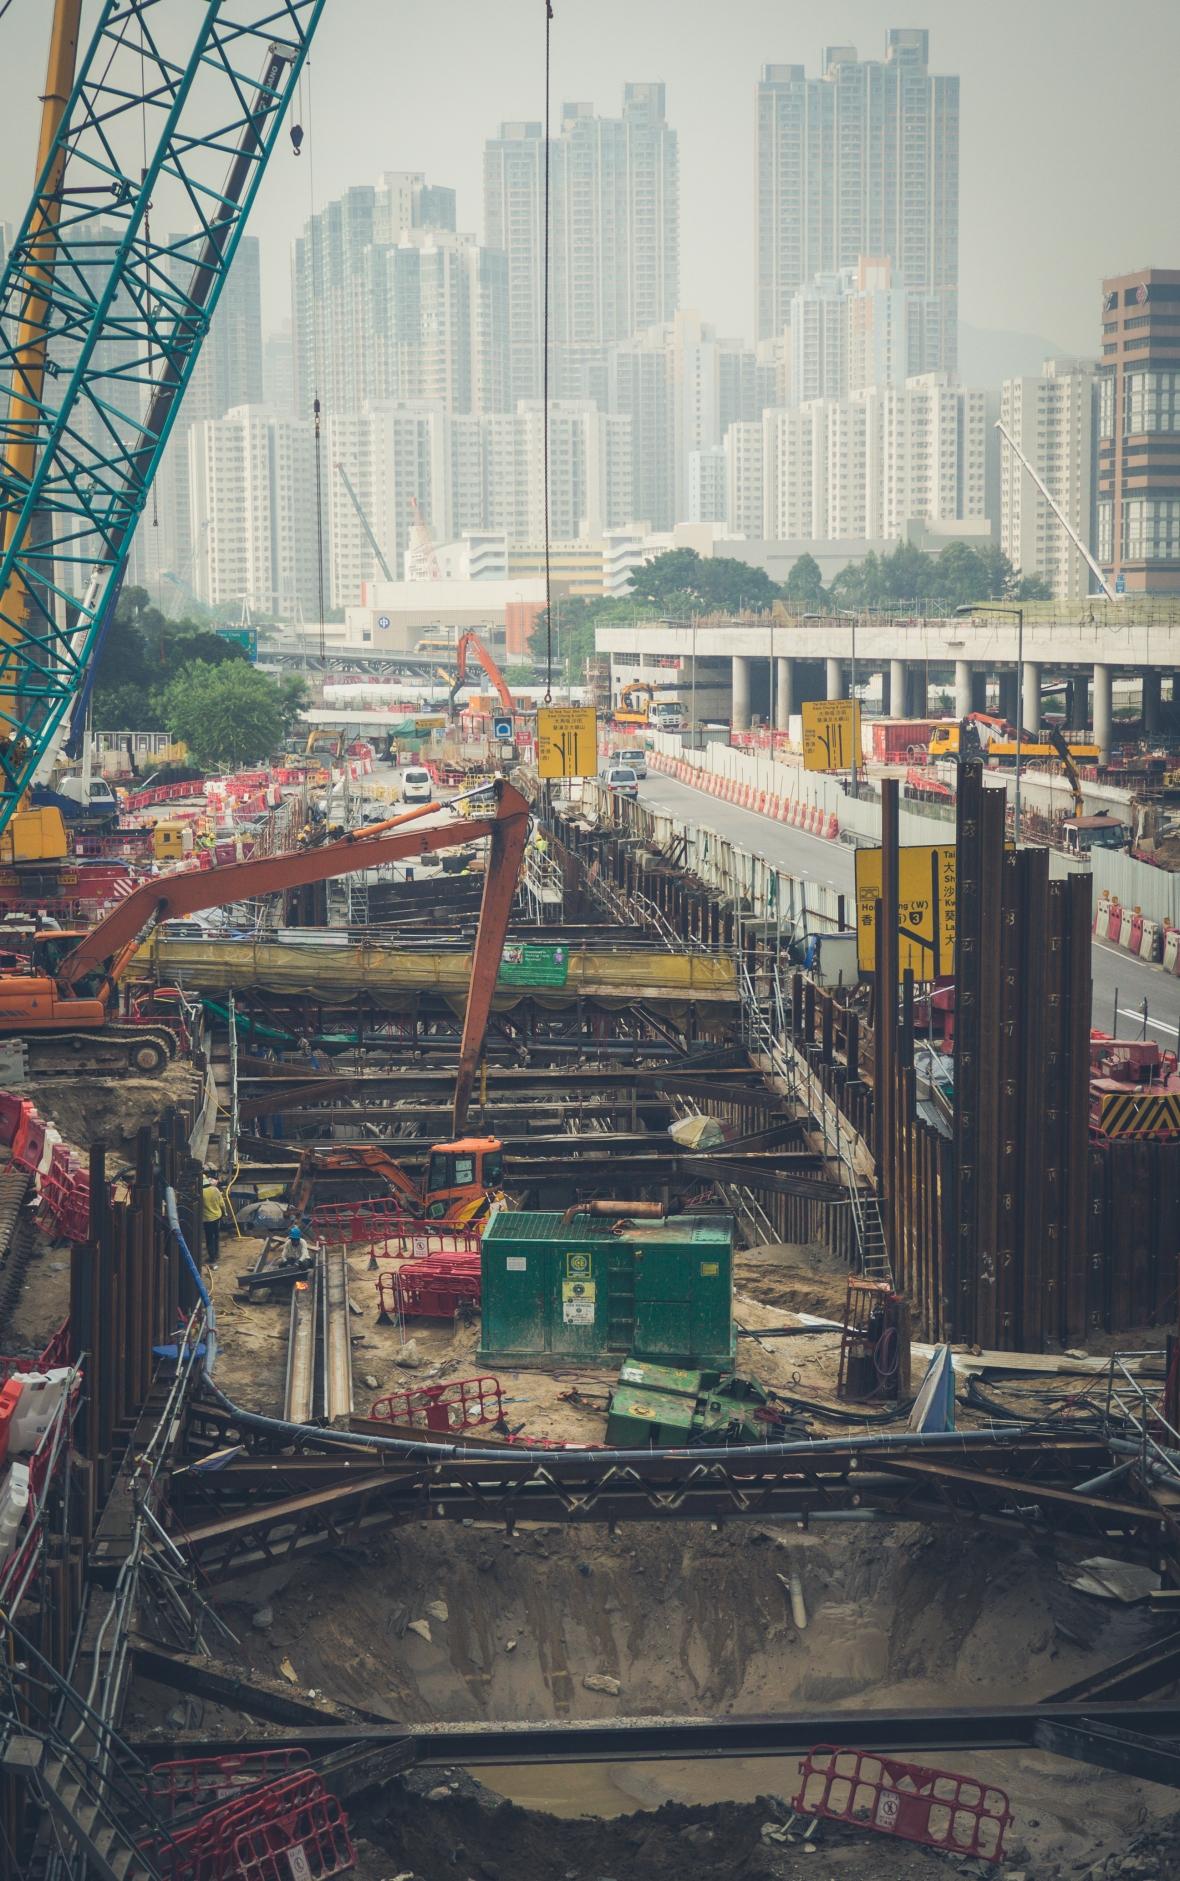 2016-10-20 Tsim Sha Tsui to West Kowloon-41